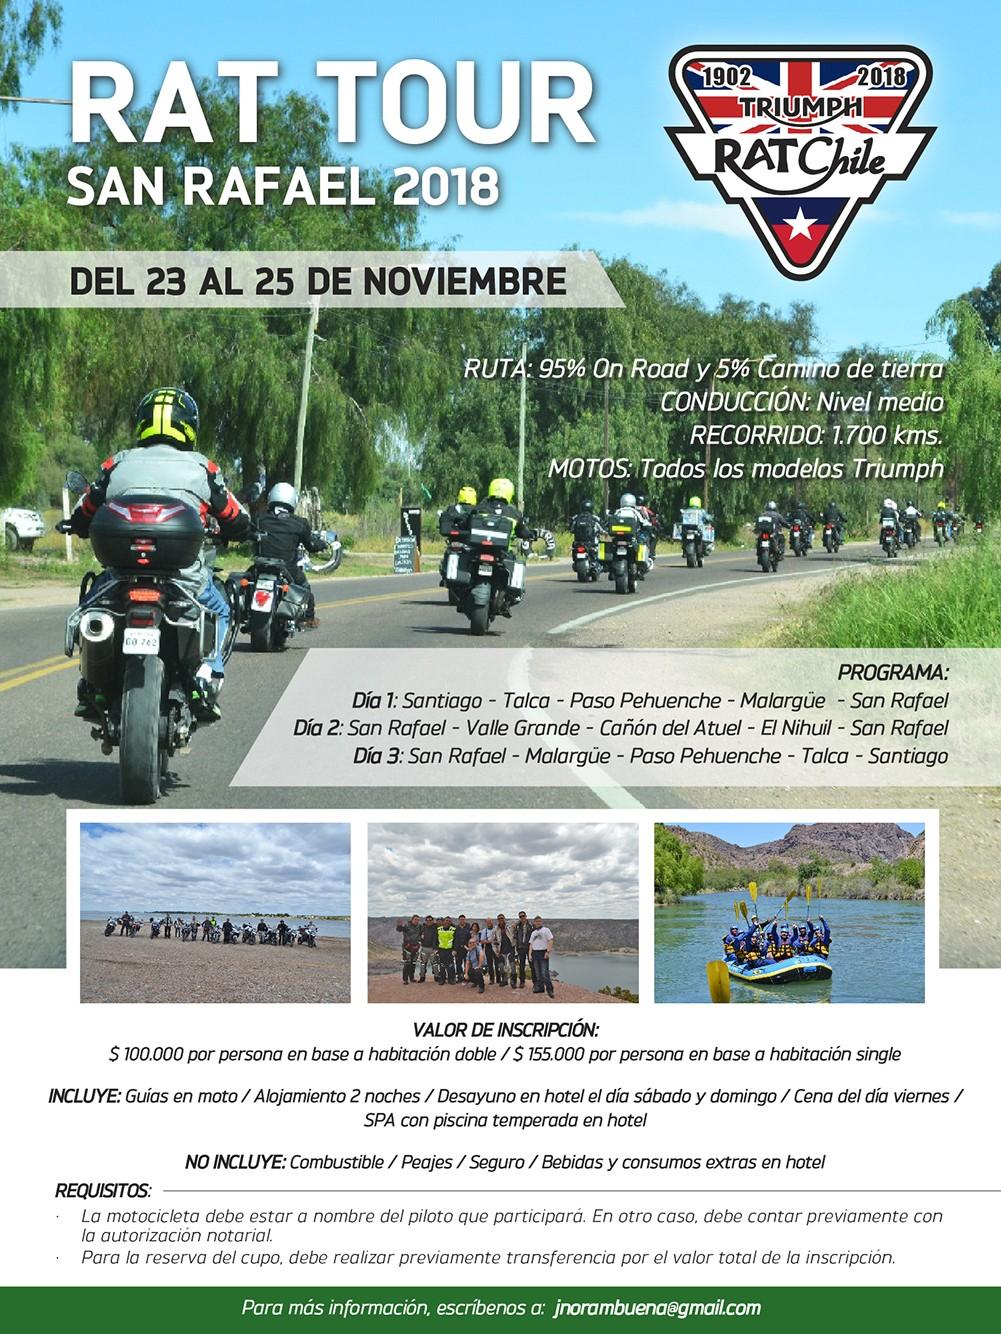 RAT Tour San Rafael 2018